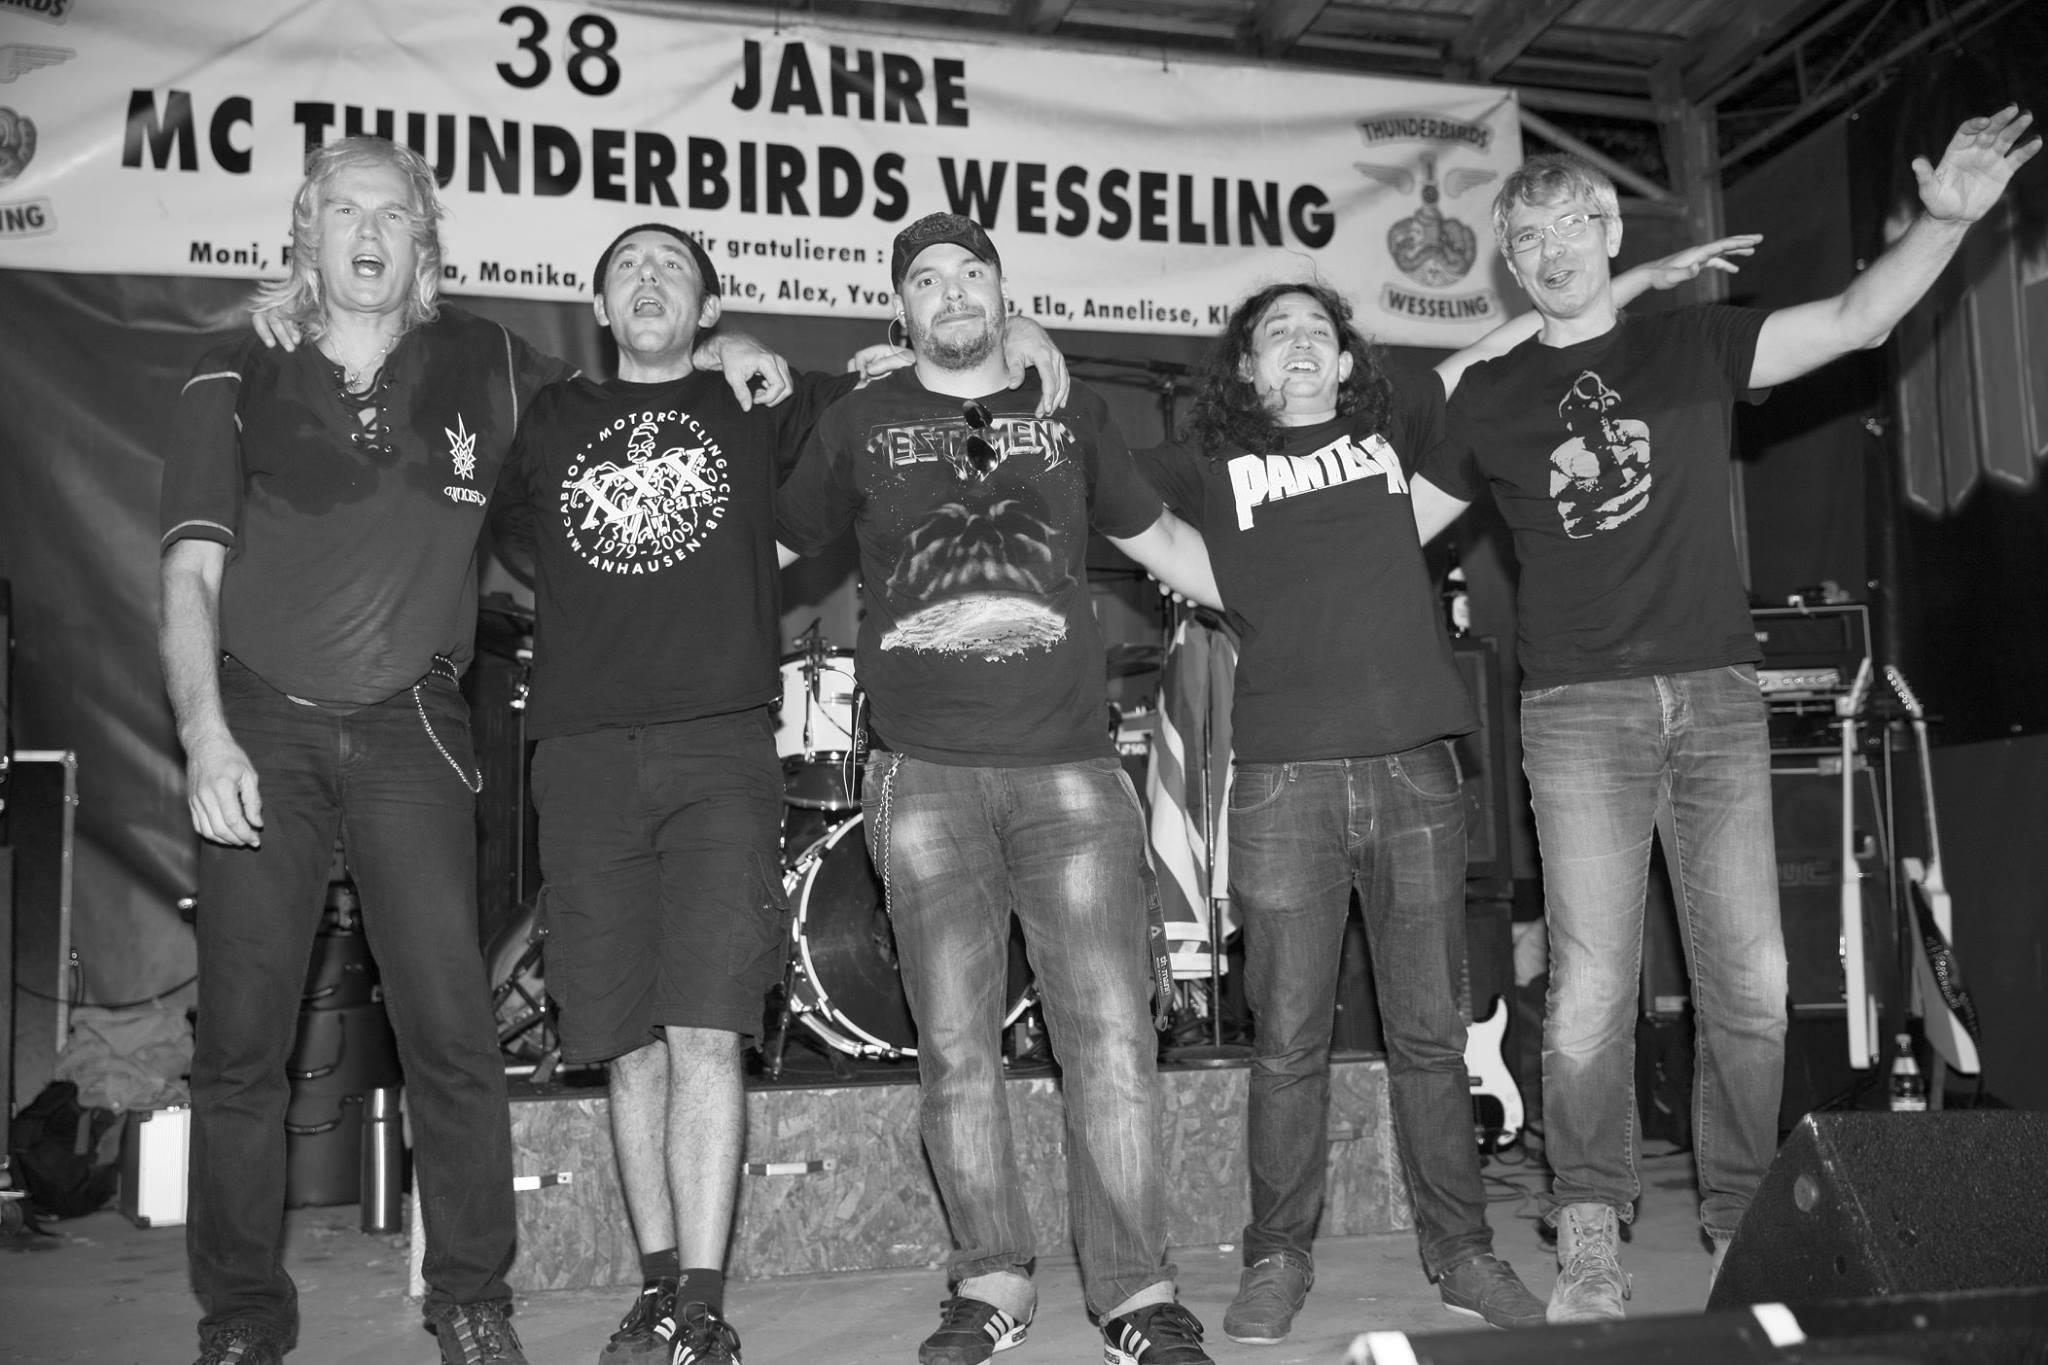 Thundesbirds_DANKE